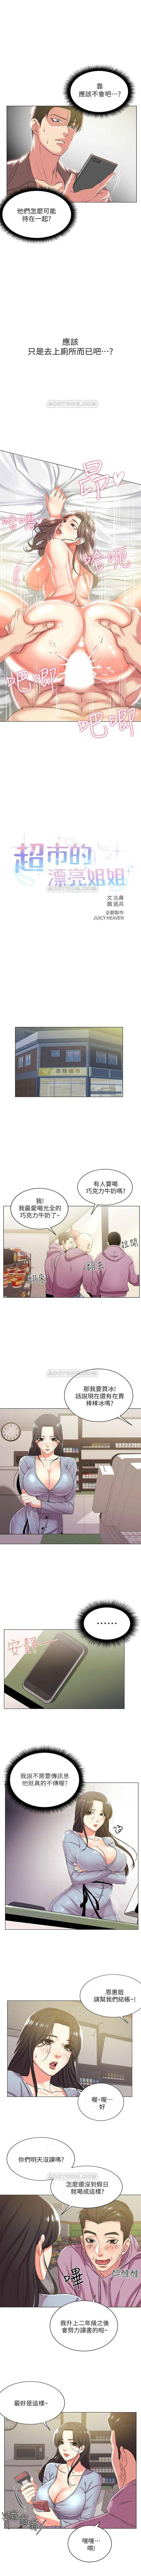 超市的漂亮姐姐 1-27 官方中文(連載中) 70